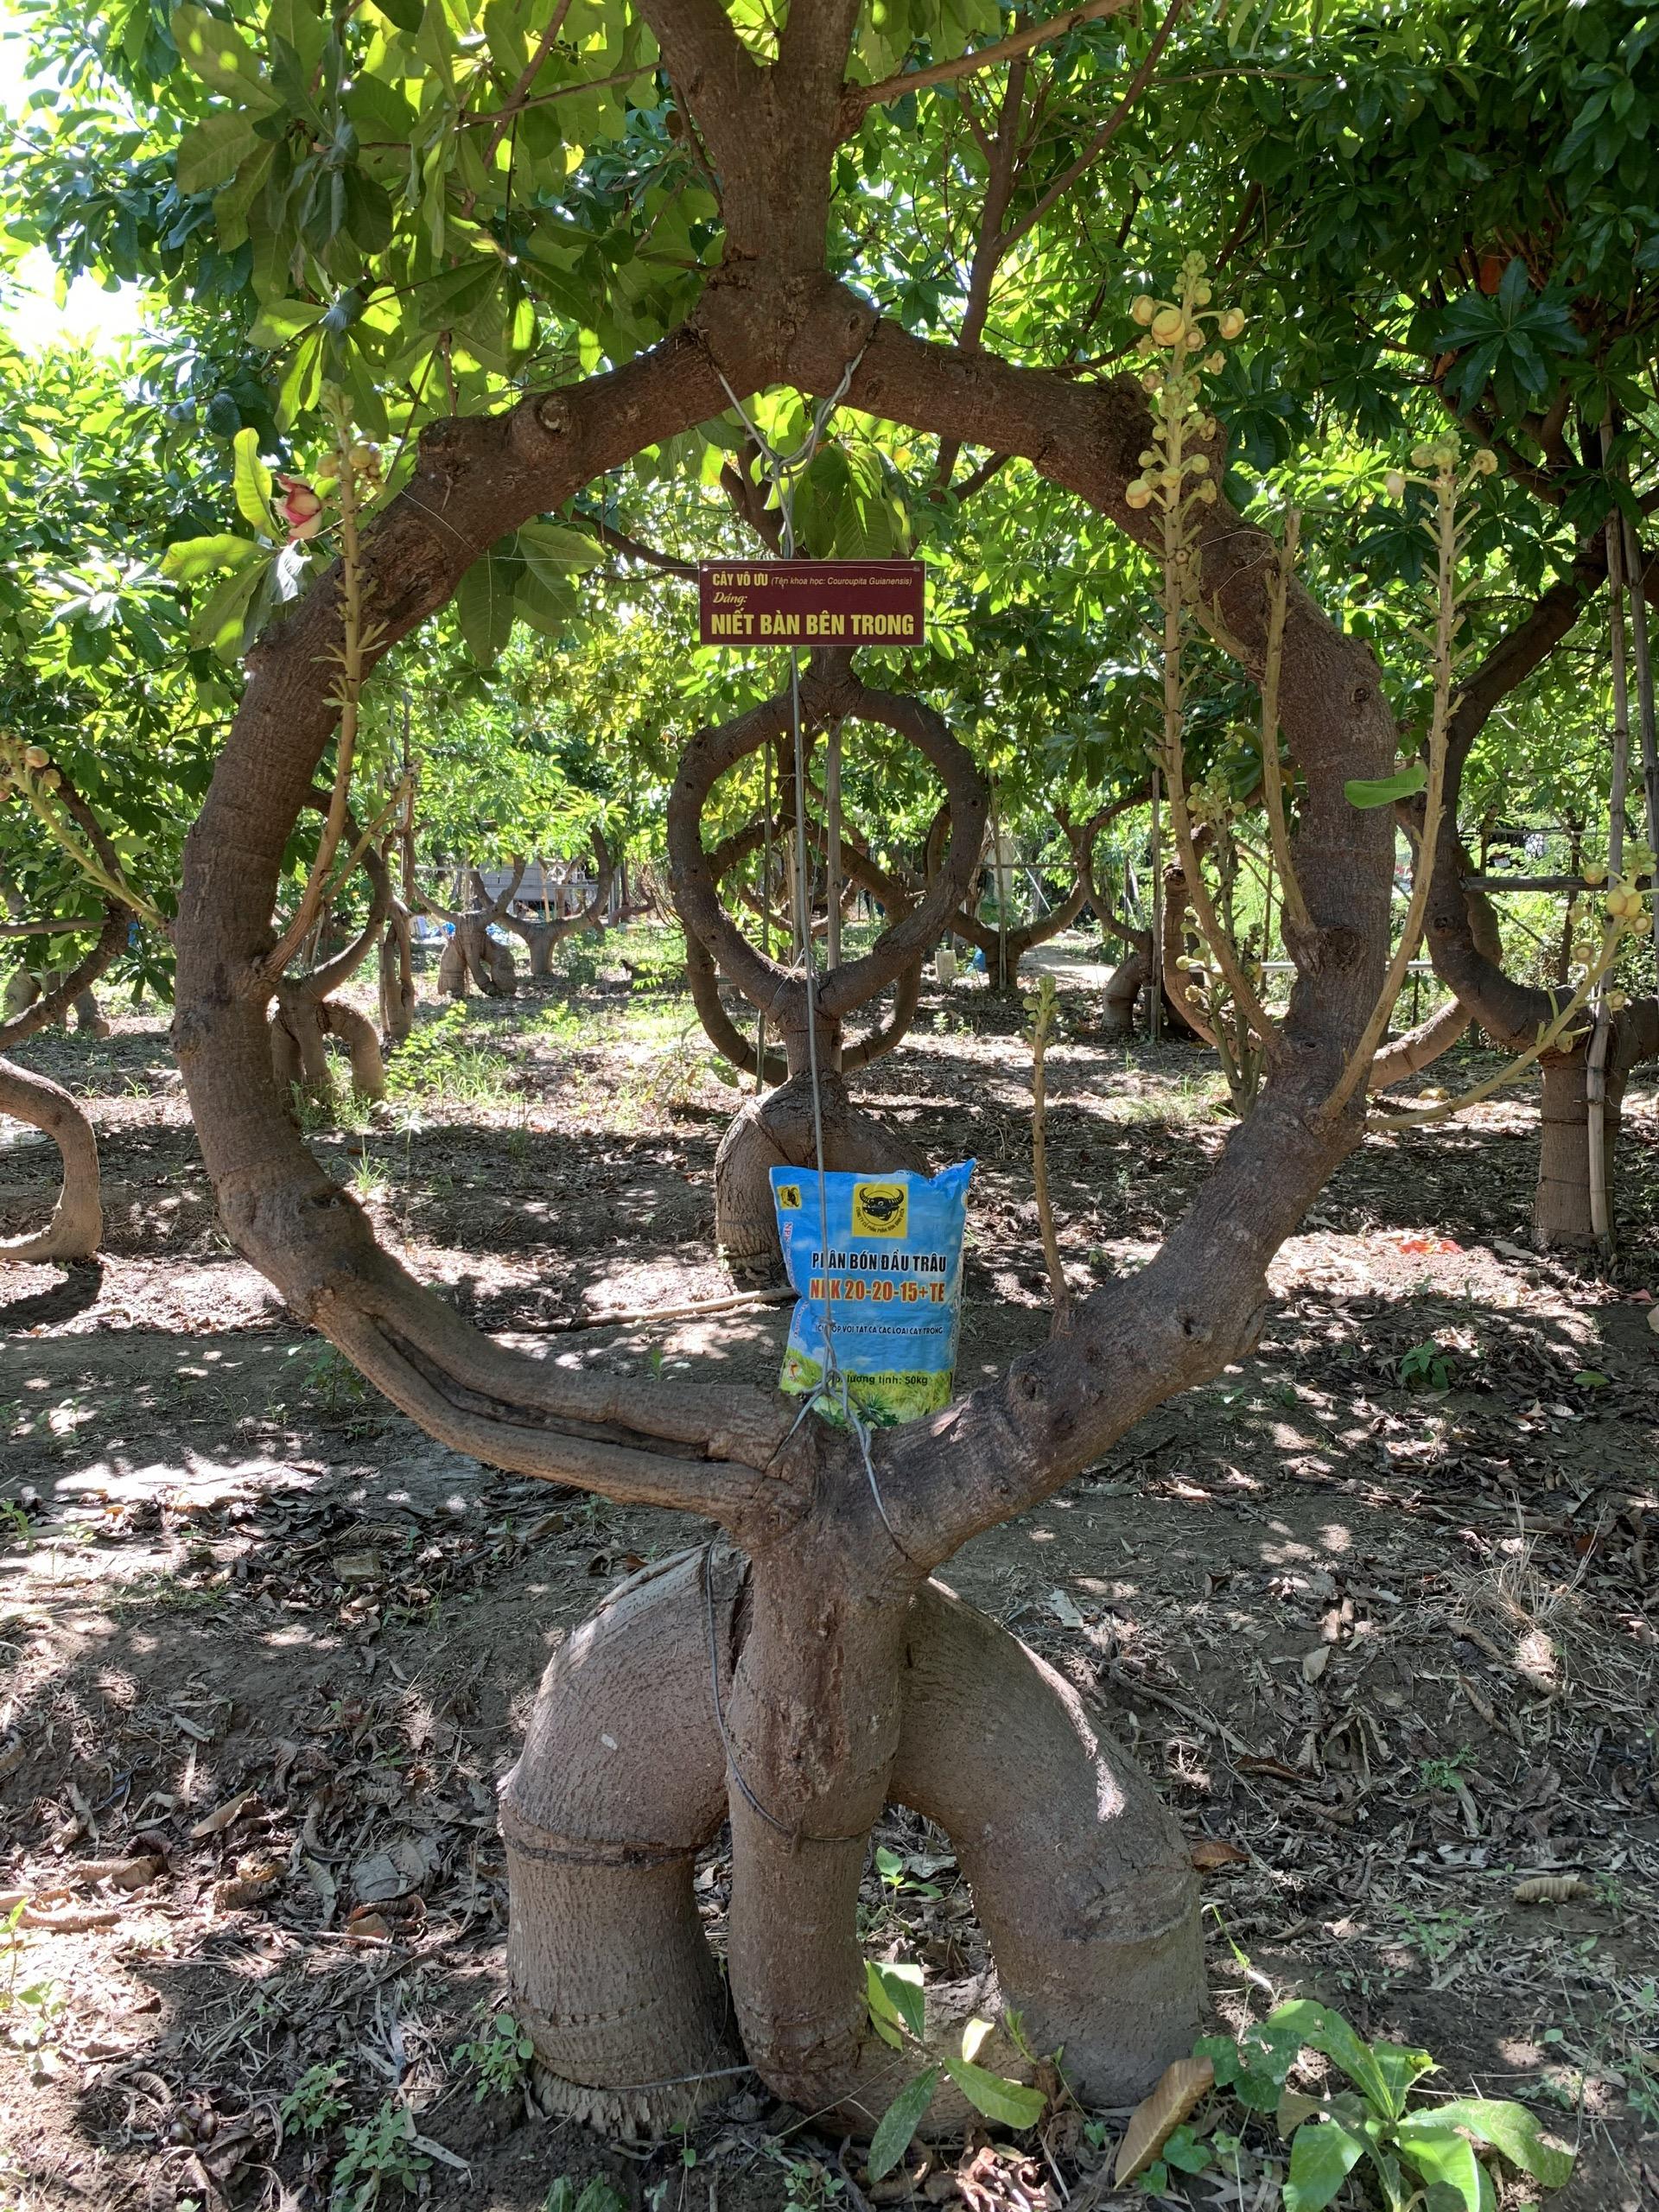 Người nông dân Ninh Thuận mang triết lý Phật giáo vào vườn cây - Ảnh 4.